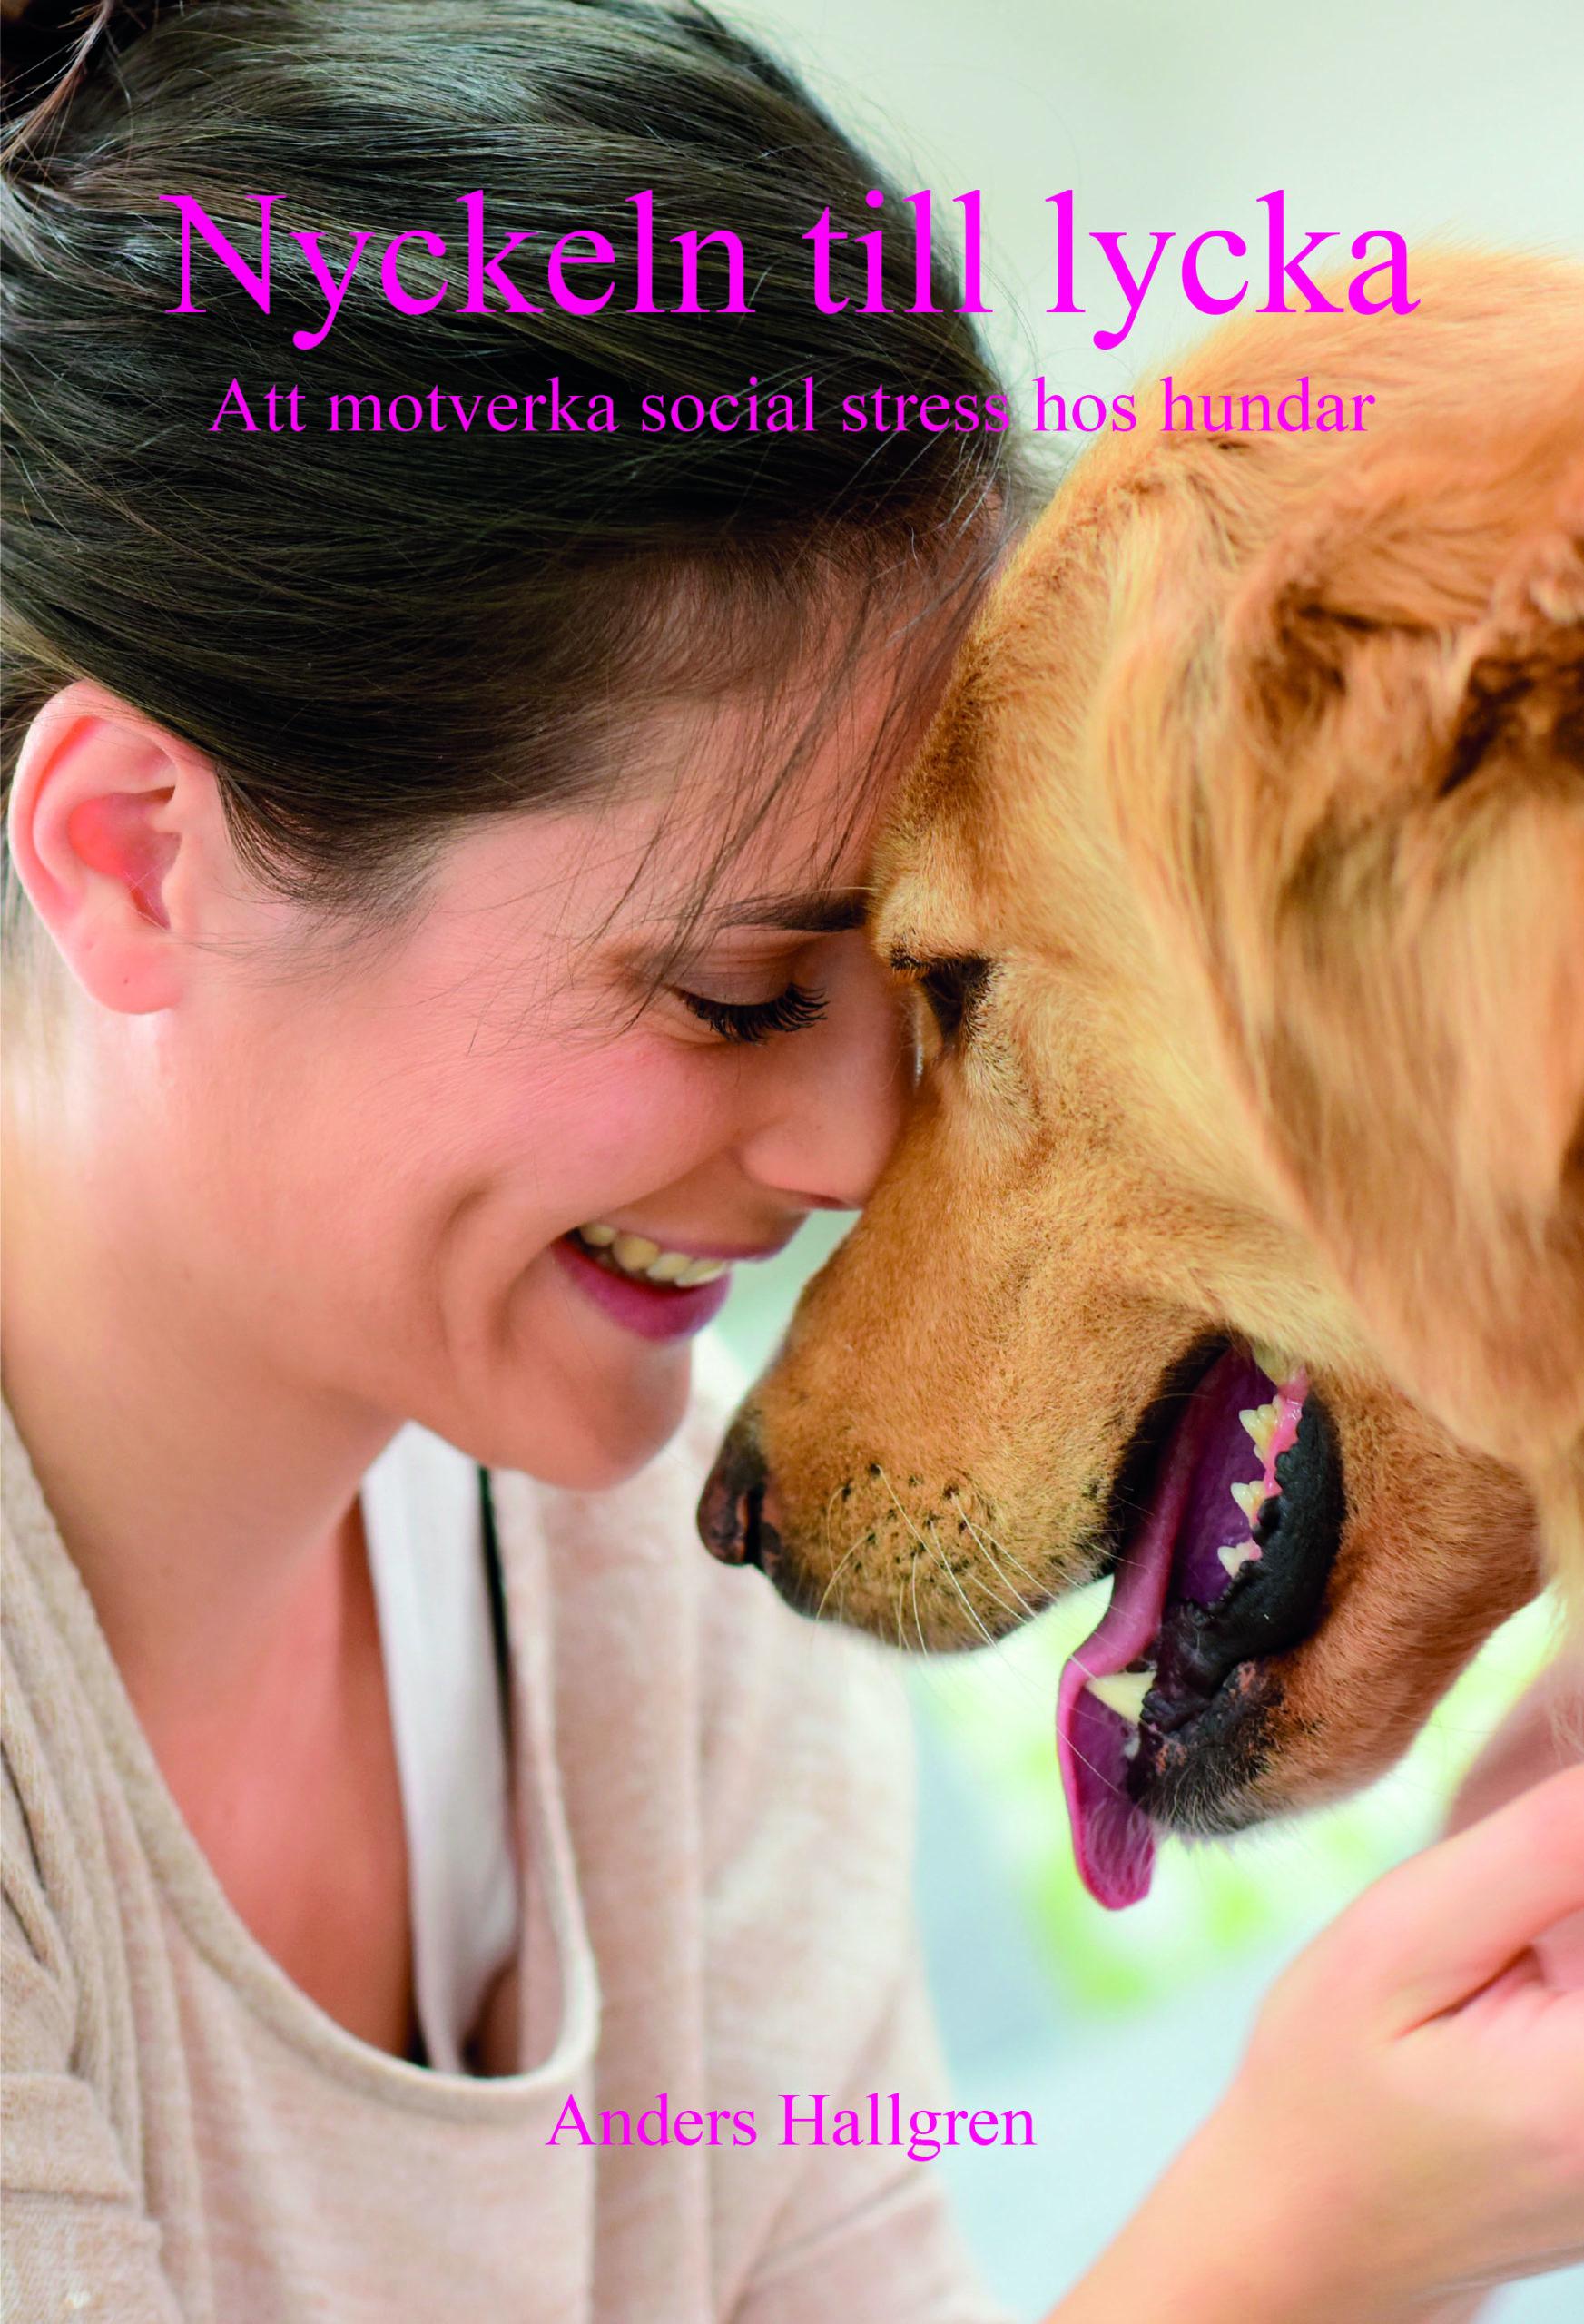 (Svenska) Nyckeln till lycka – Att motverka social stress hos hundar